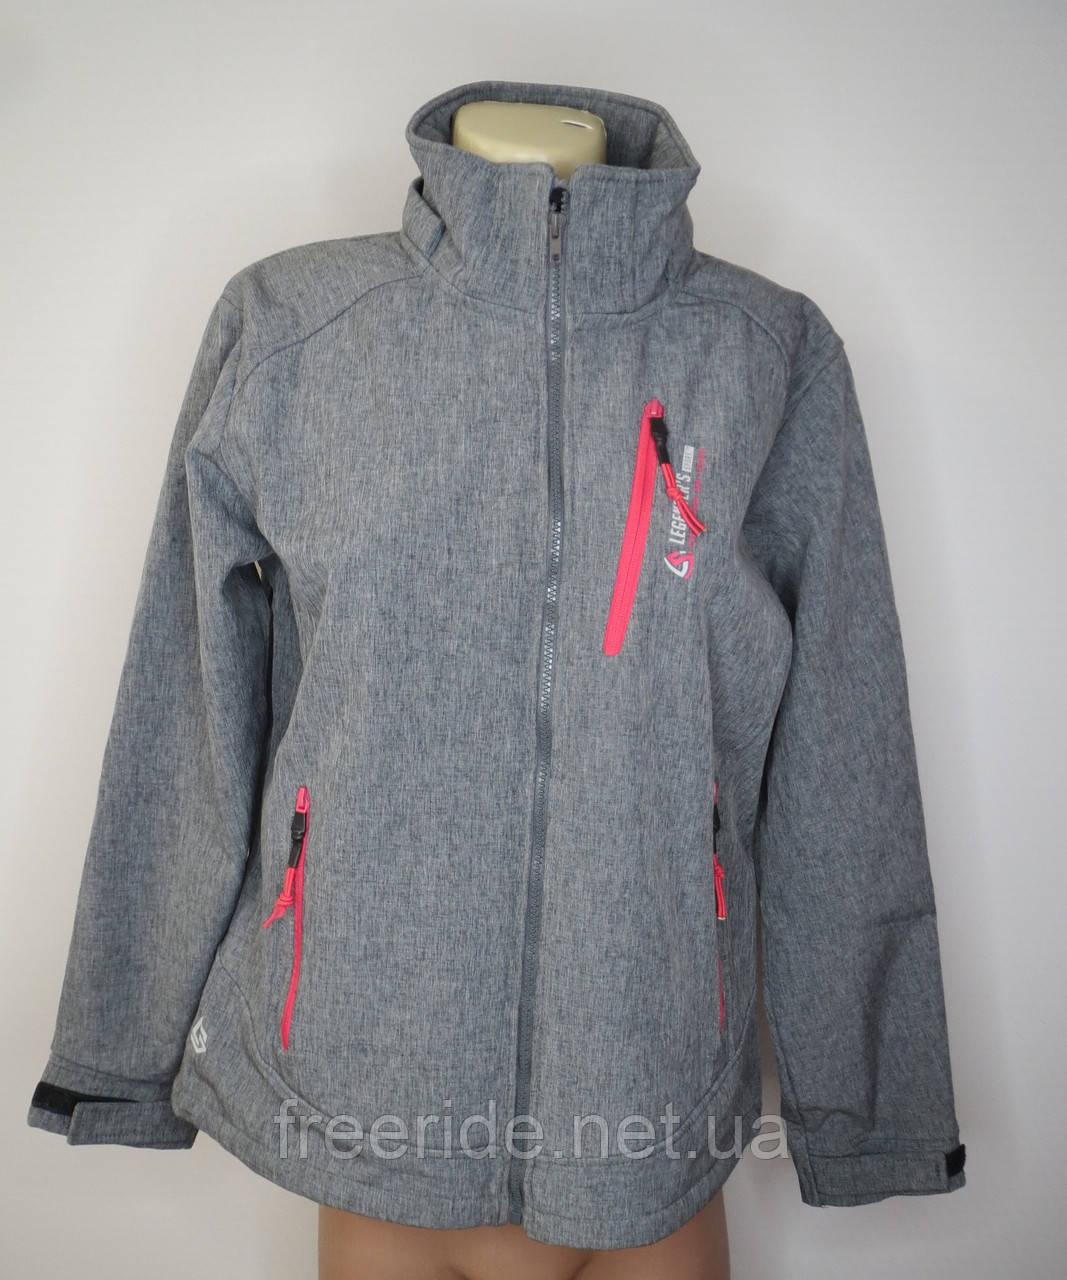 Софтшелл женский Legenders Sports (2XL) куртка на флисе